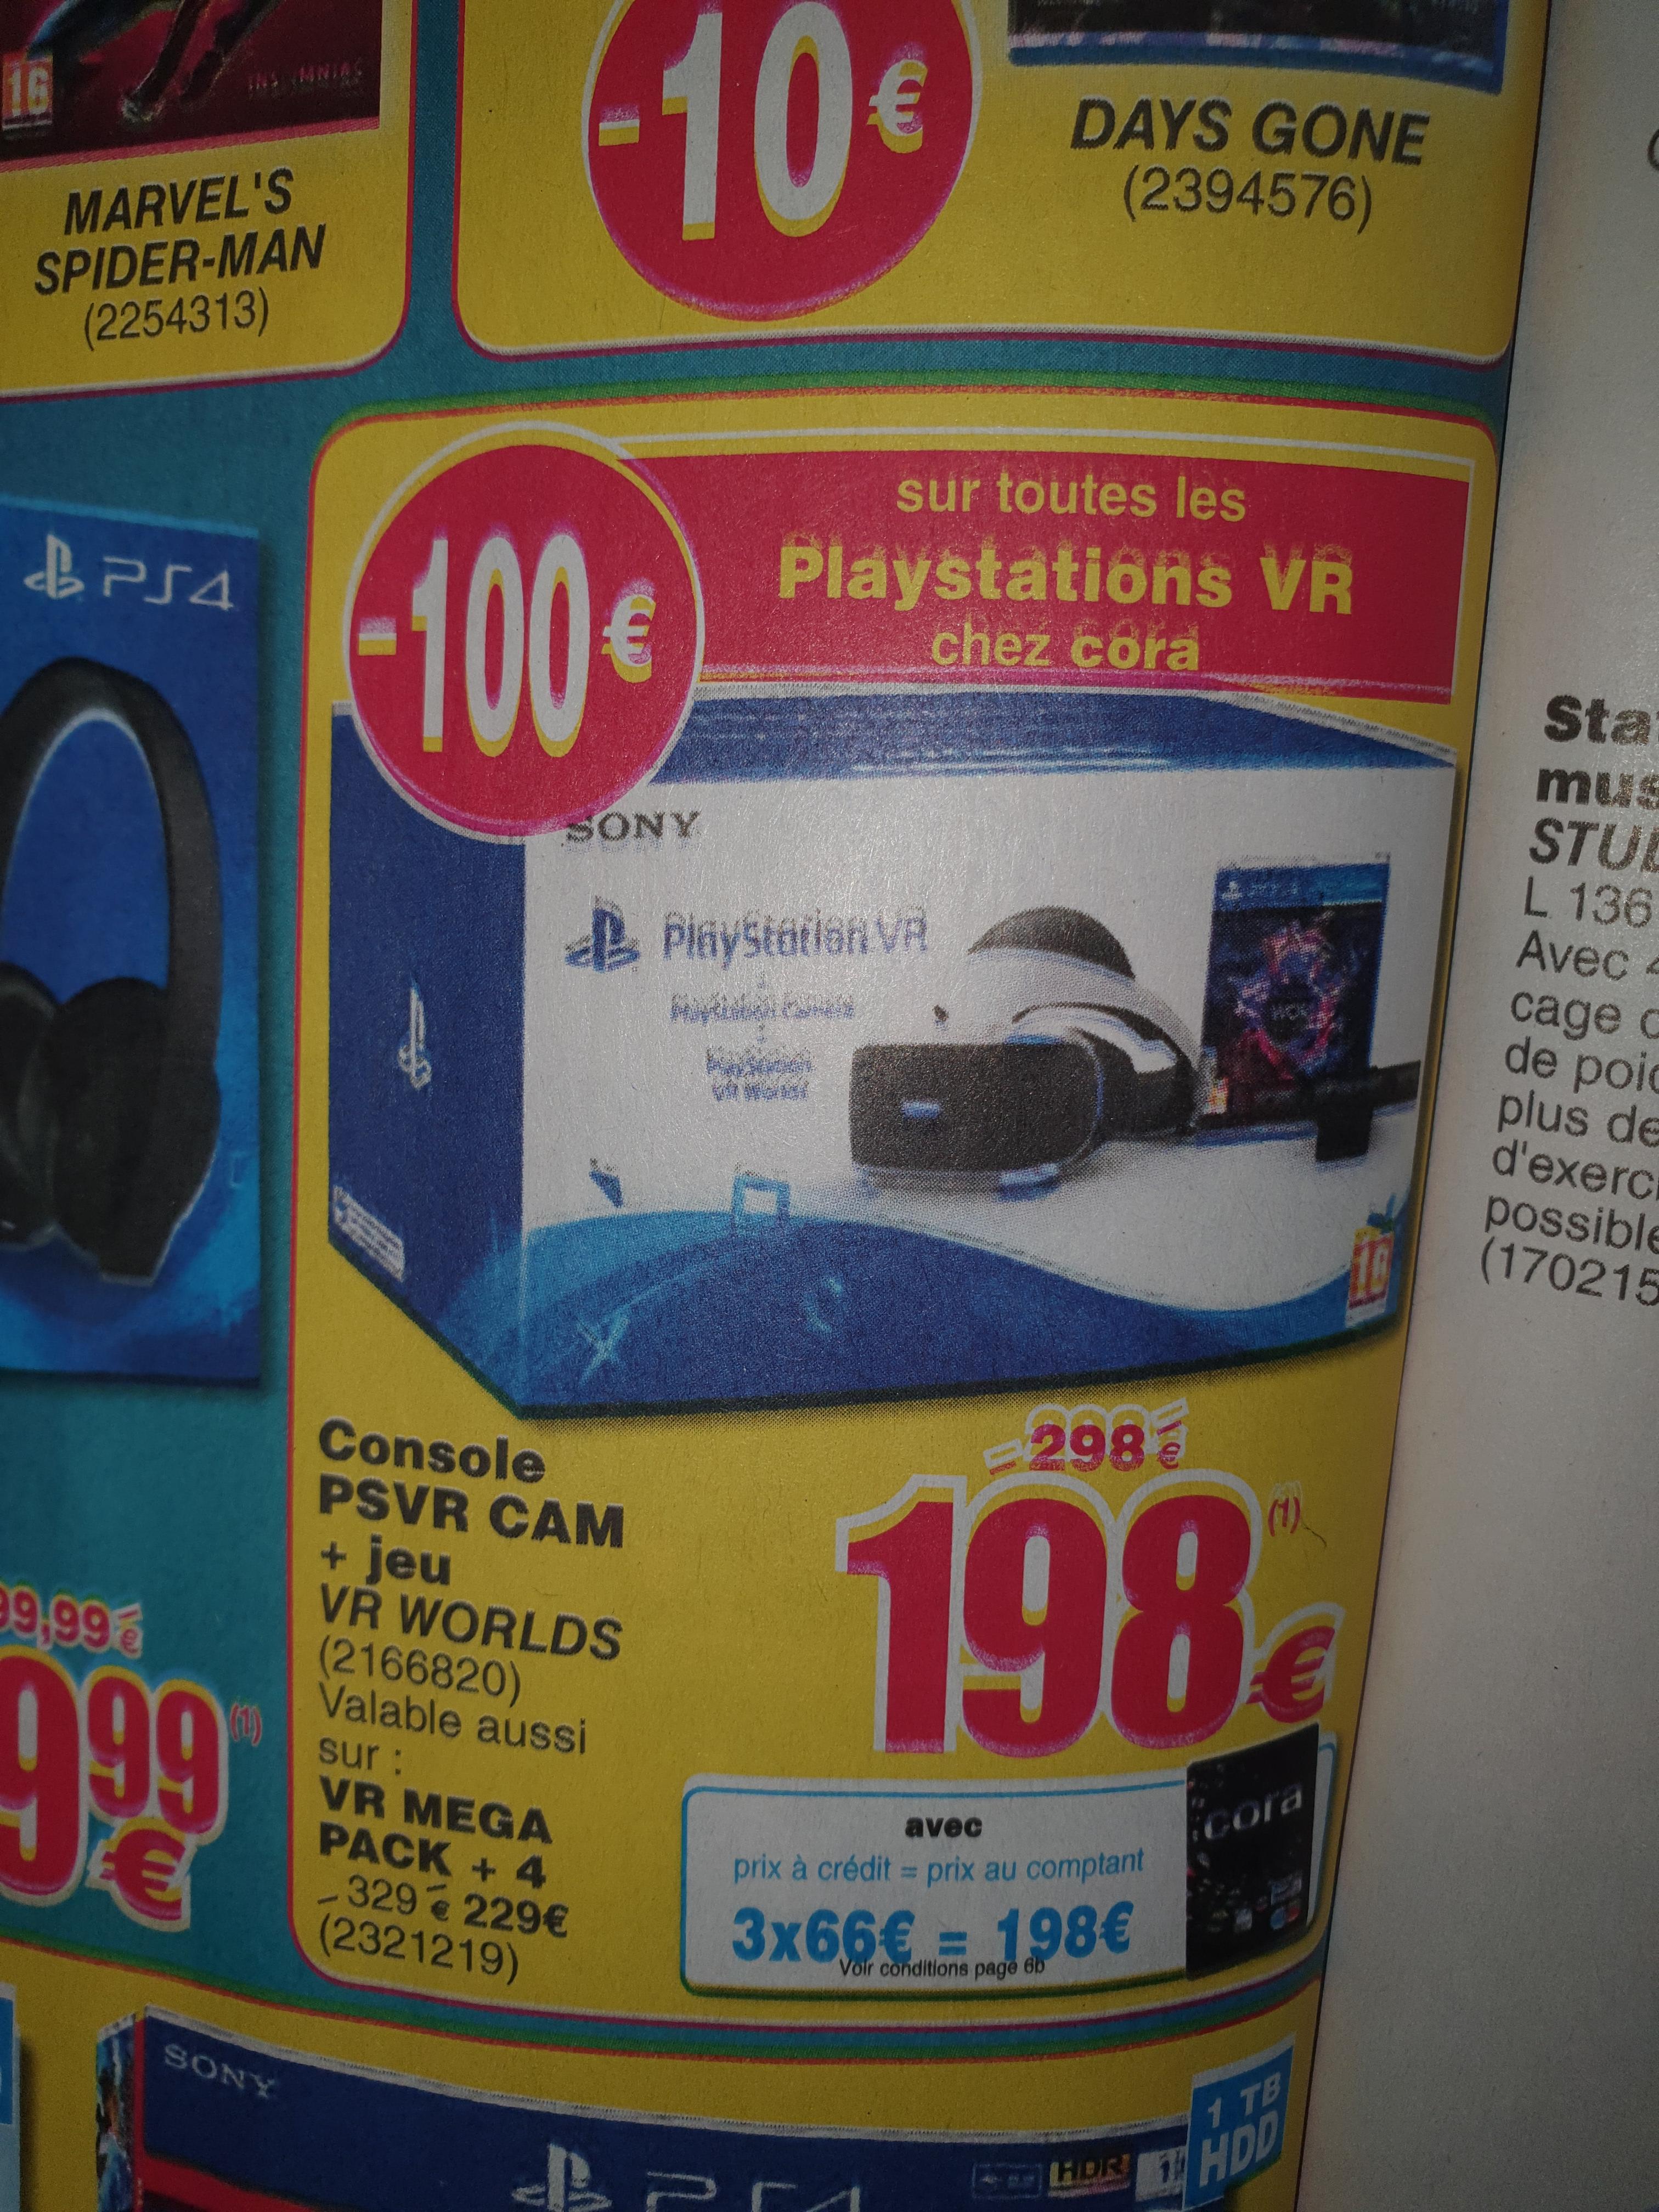 100€ de réduction sur les Packs PlayStation 4 VR - Ex : Mega Pack PS VR (La Louvière - Frontaliers Belgique)